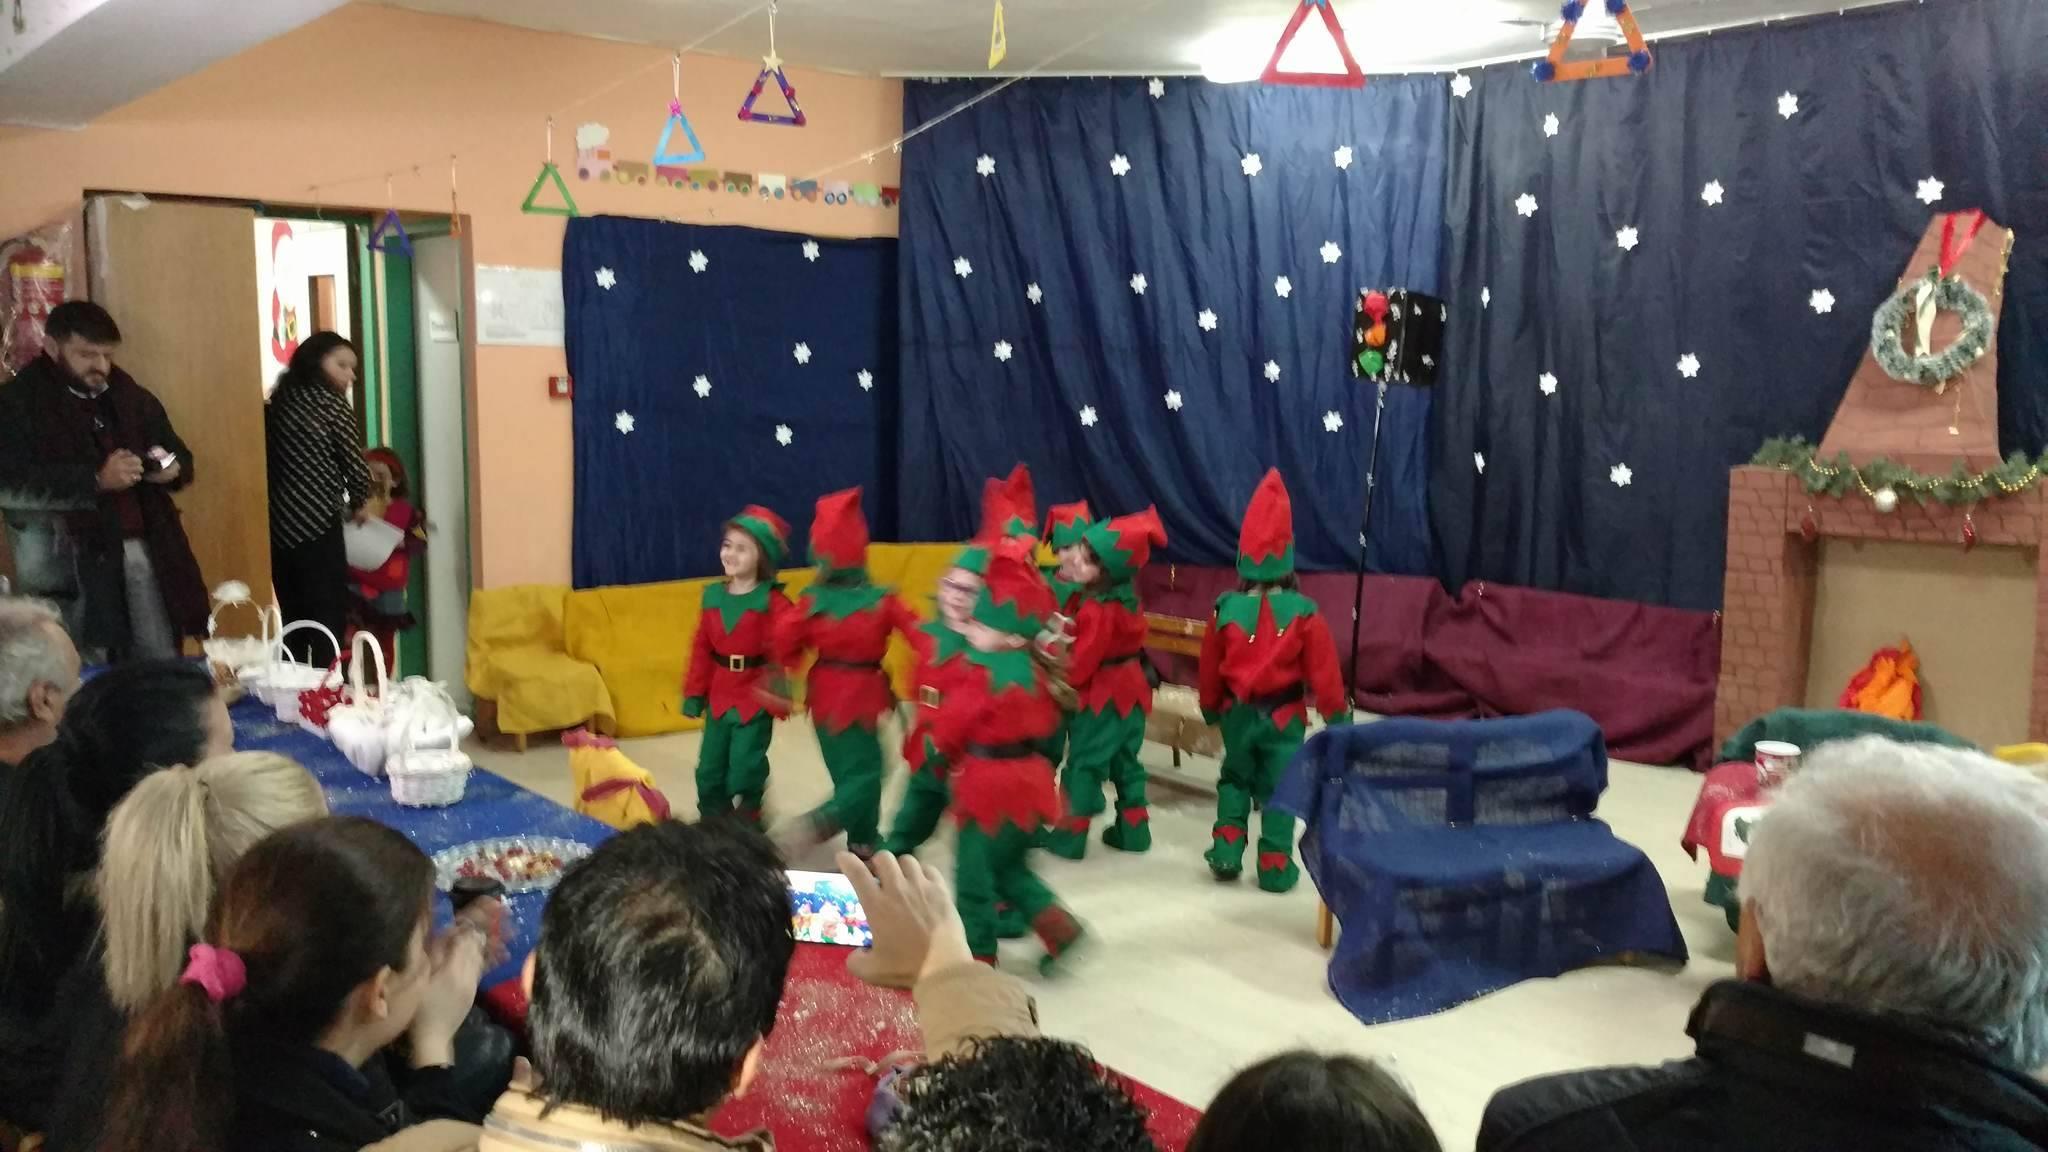 Σε σχολεία της πόλης και της υπαίθρου  για ευχές ο Αντιδήμαρχος Παιδείας